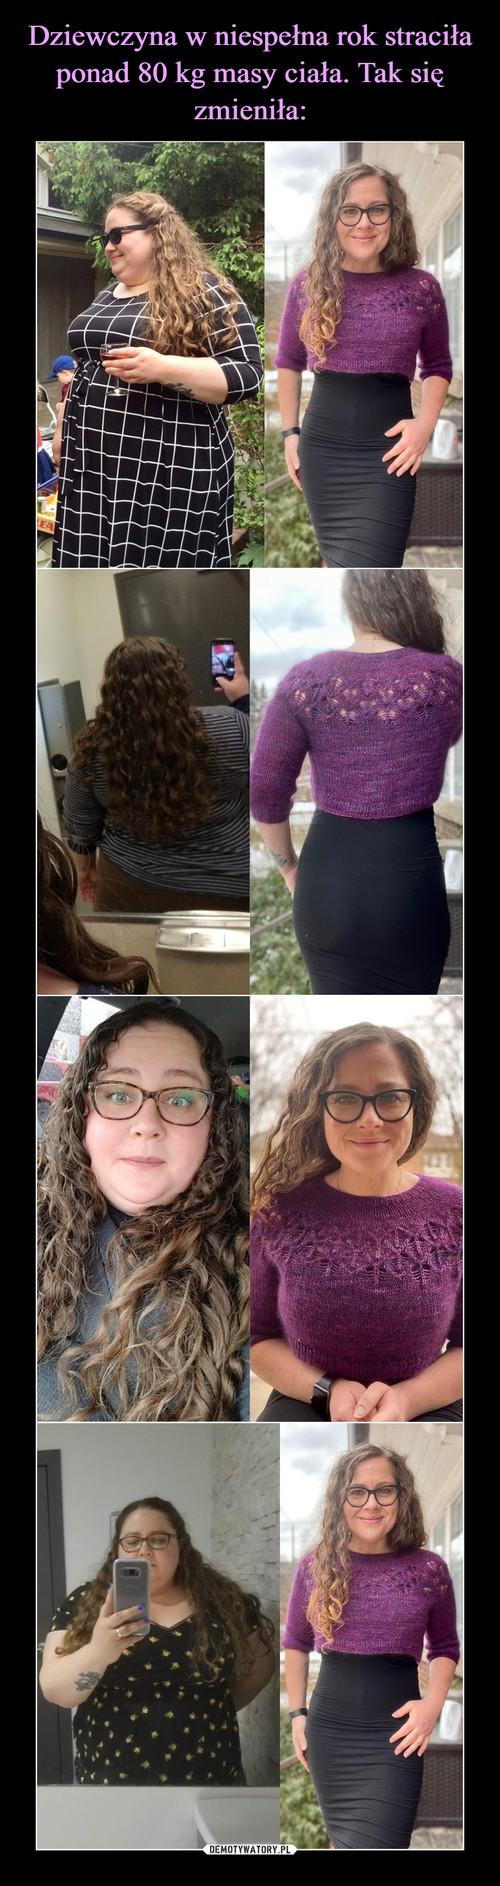 Dziewczyna w niespełna rok straciła ponad 80 kg masy ciała. Tak się zmieniła: